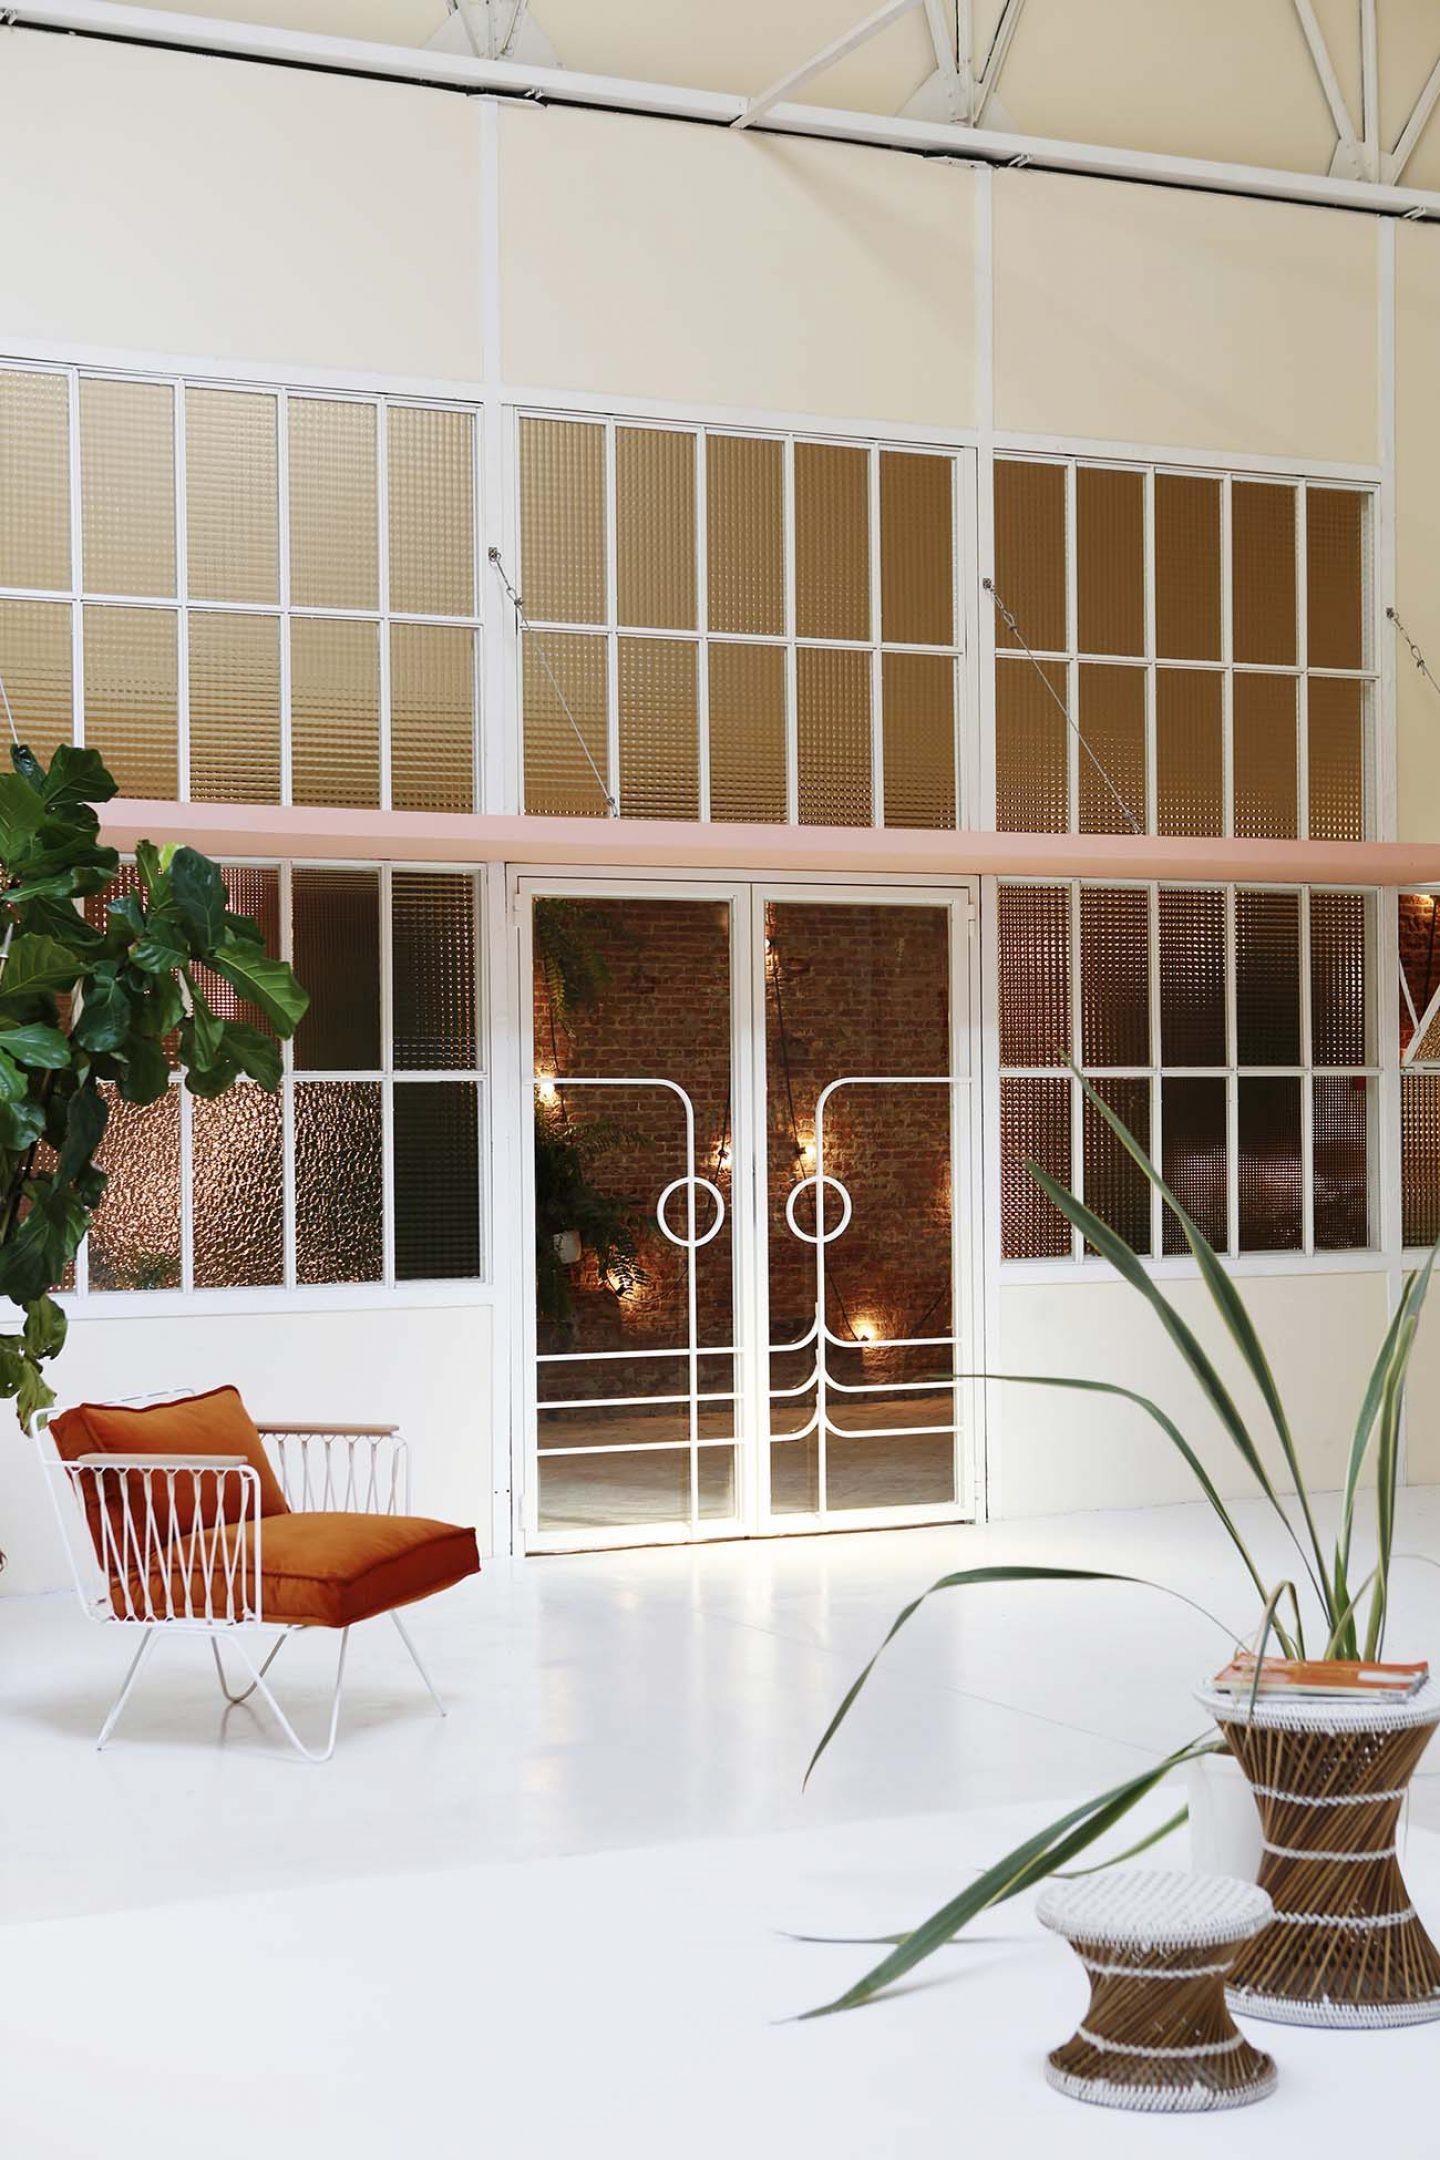 iGNANT_Architecture_Espacio_Nueva_Carolina_Cordero_Atelier_Sara_Uriarte_6